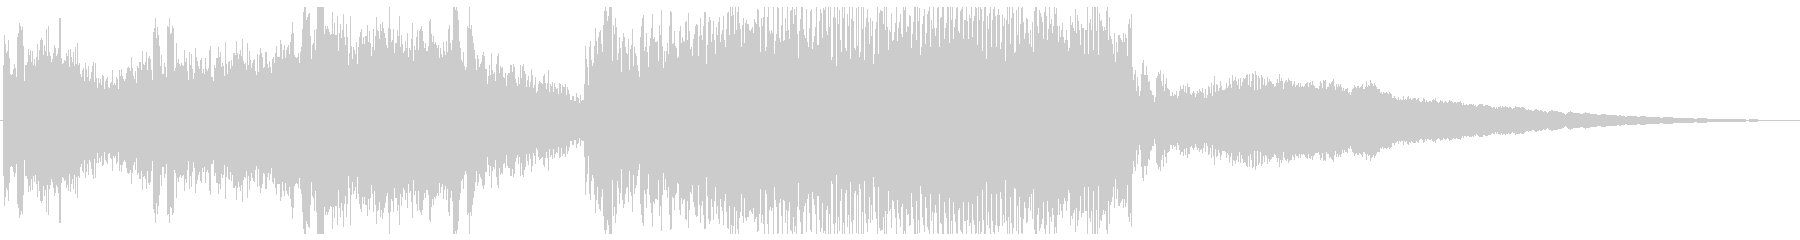 始まりで盛り上がるデジタルBGMの未再生の波形